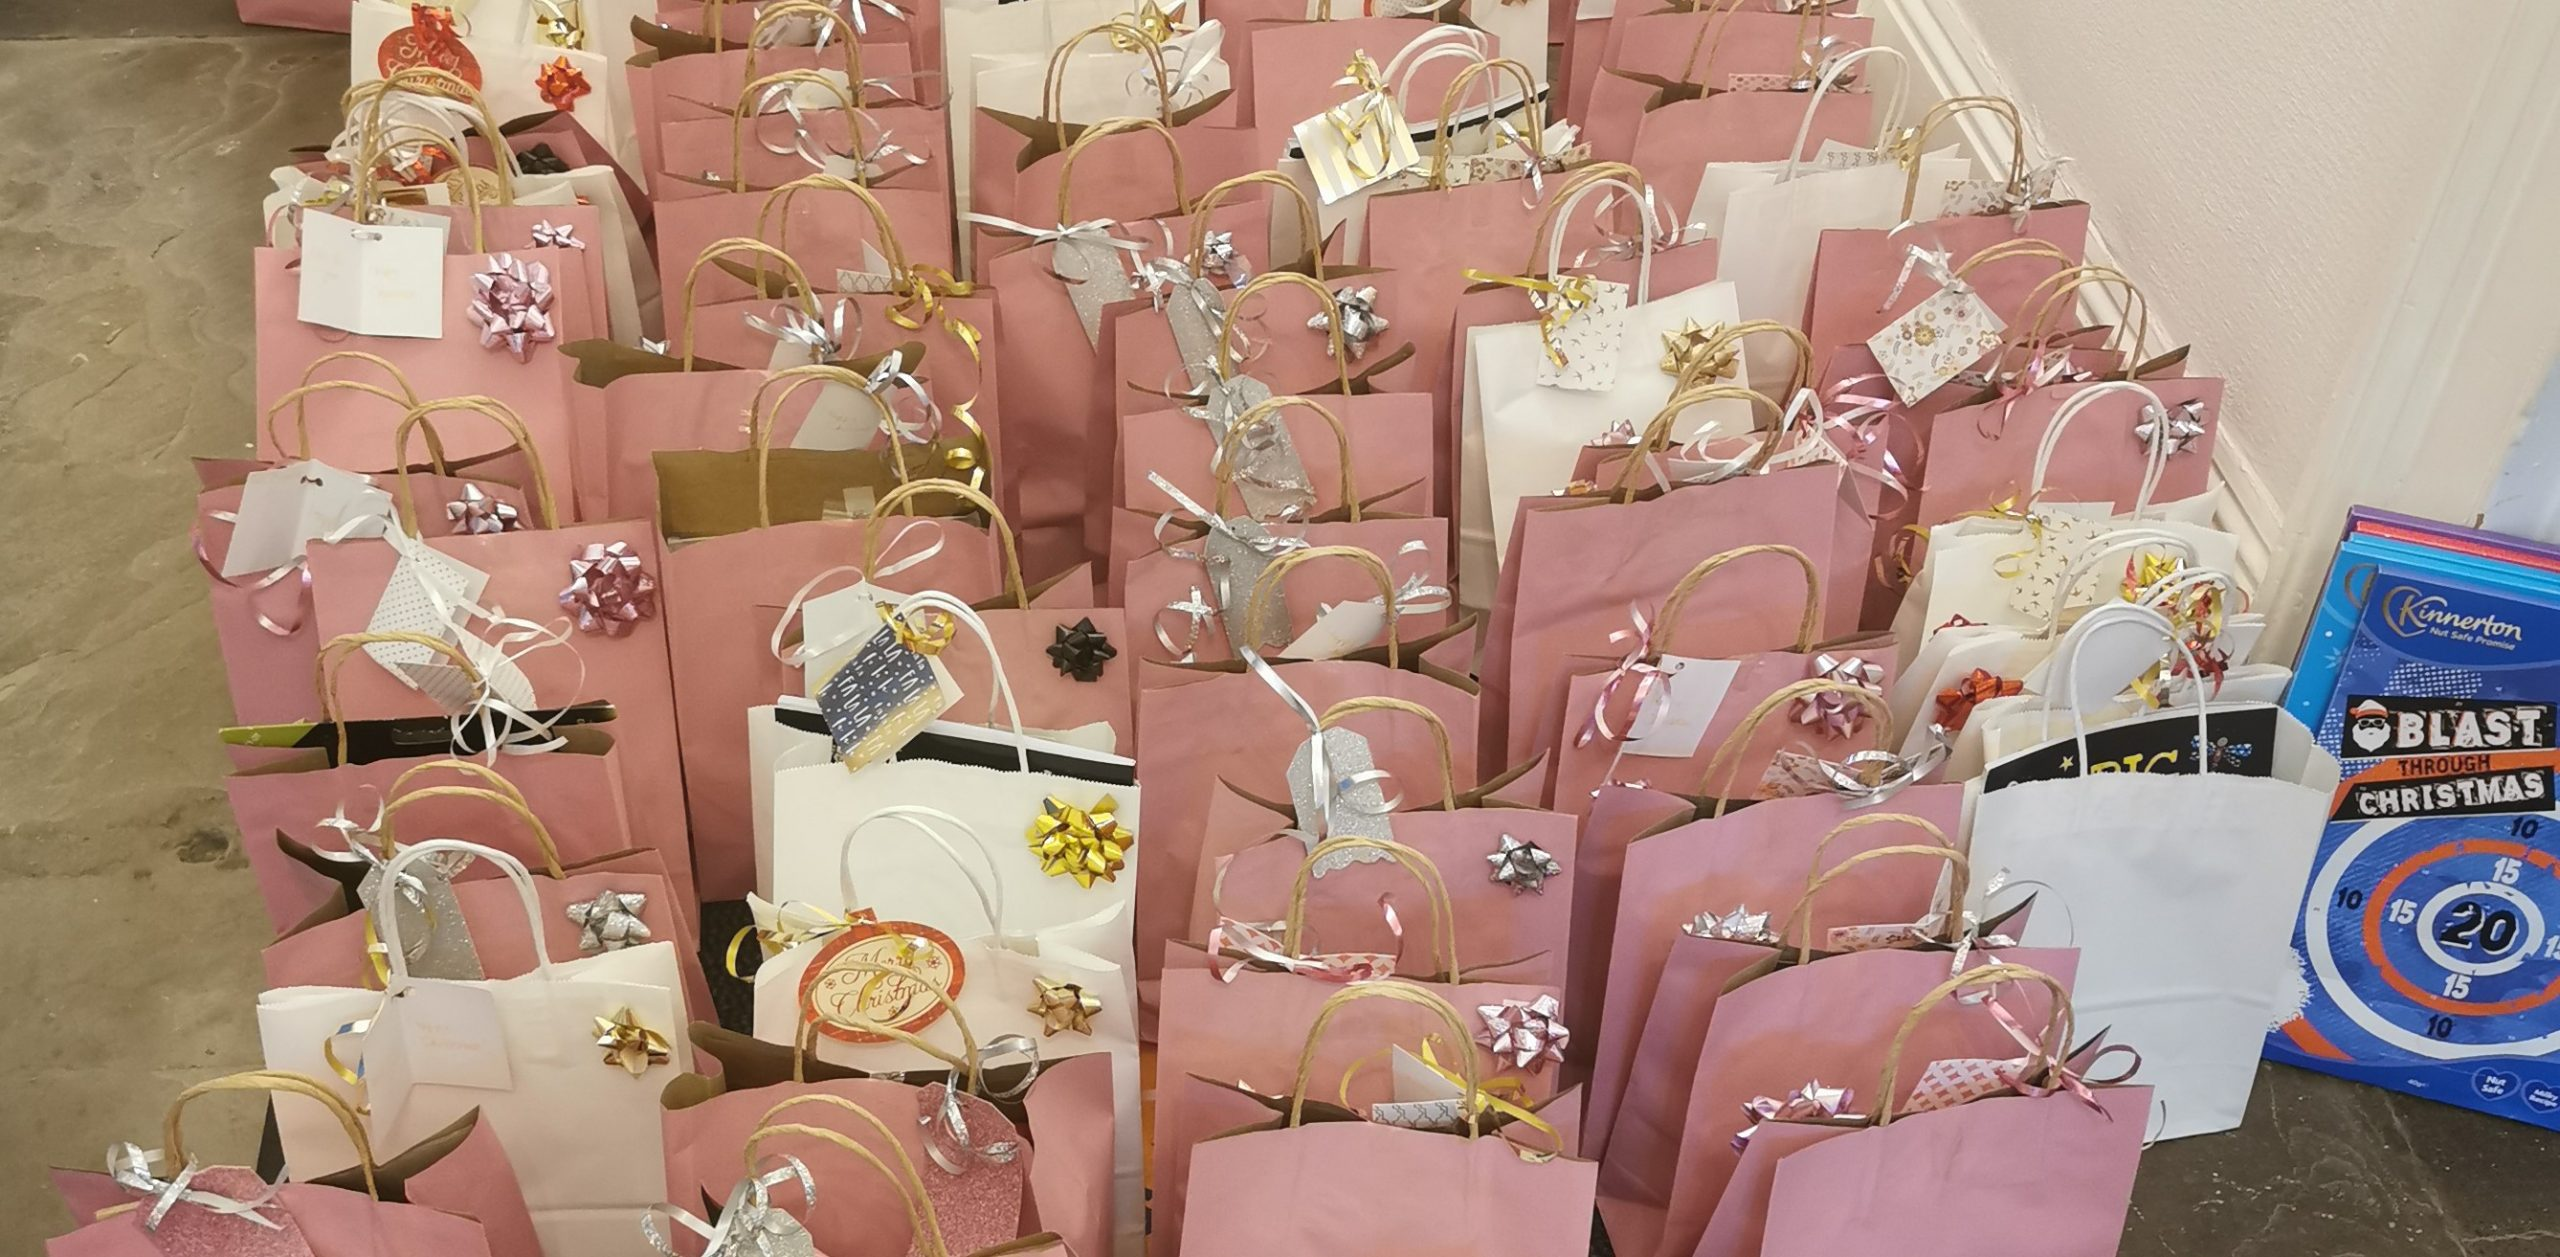 Barton Christmas gift bags